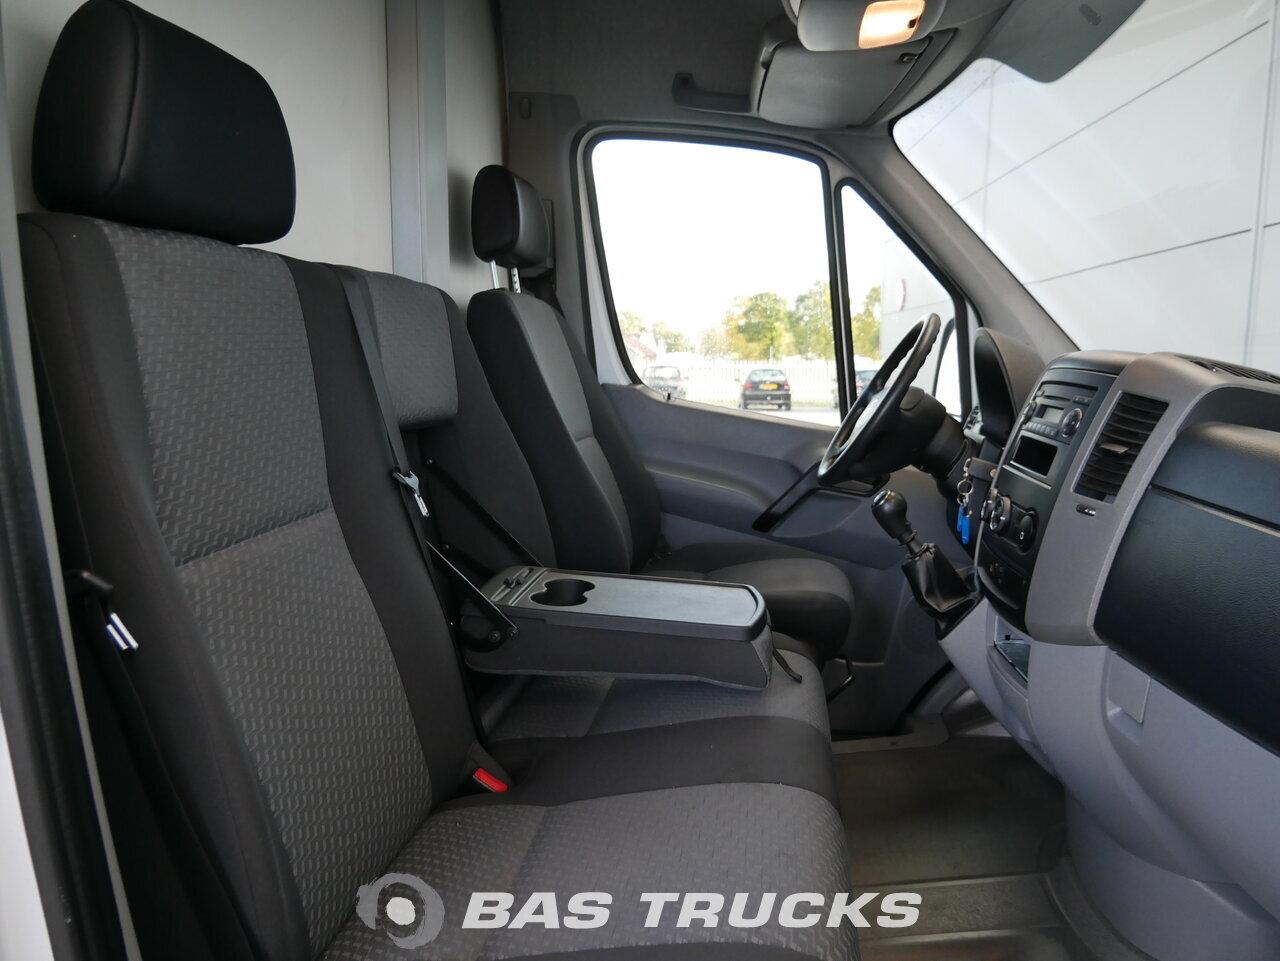 foto di Usato Veicolo commerciale leggero Volkswagen Crafter 2012